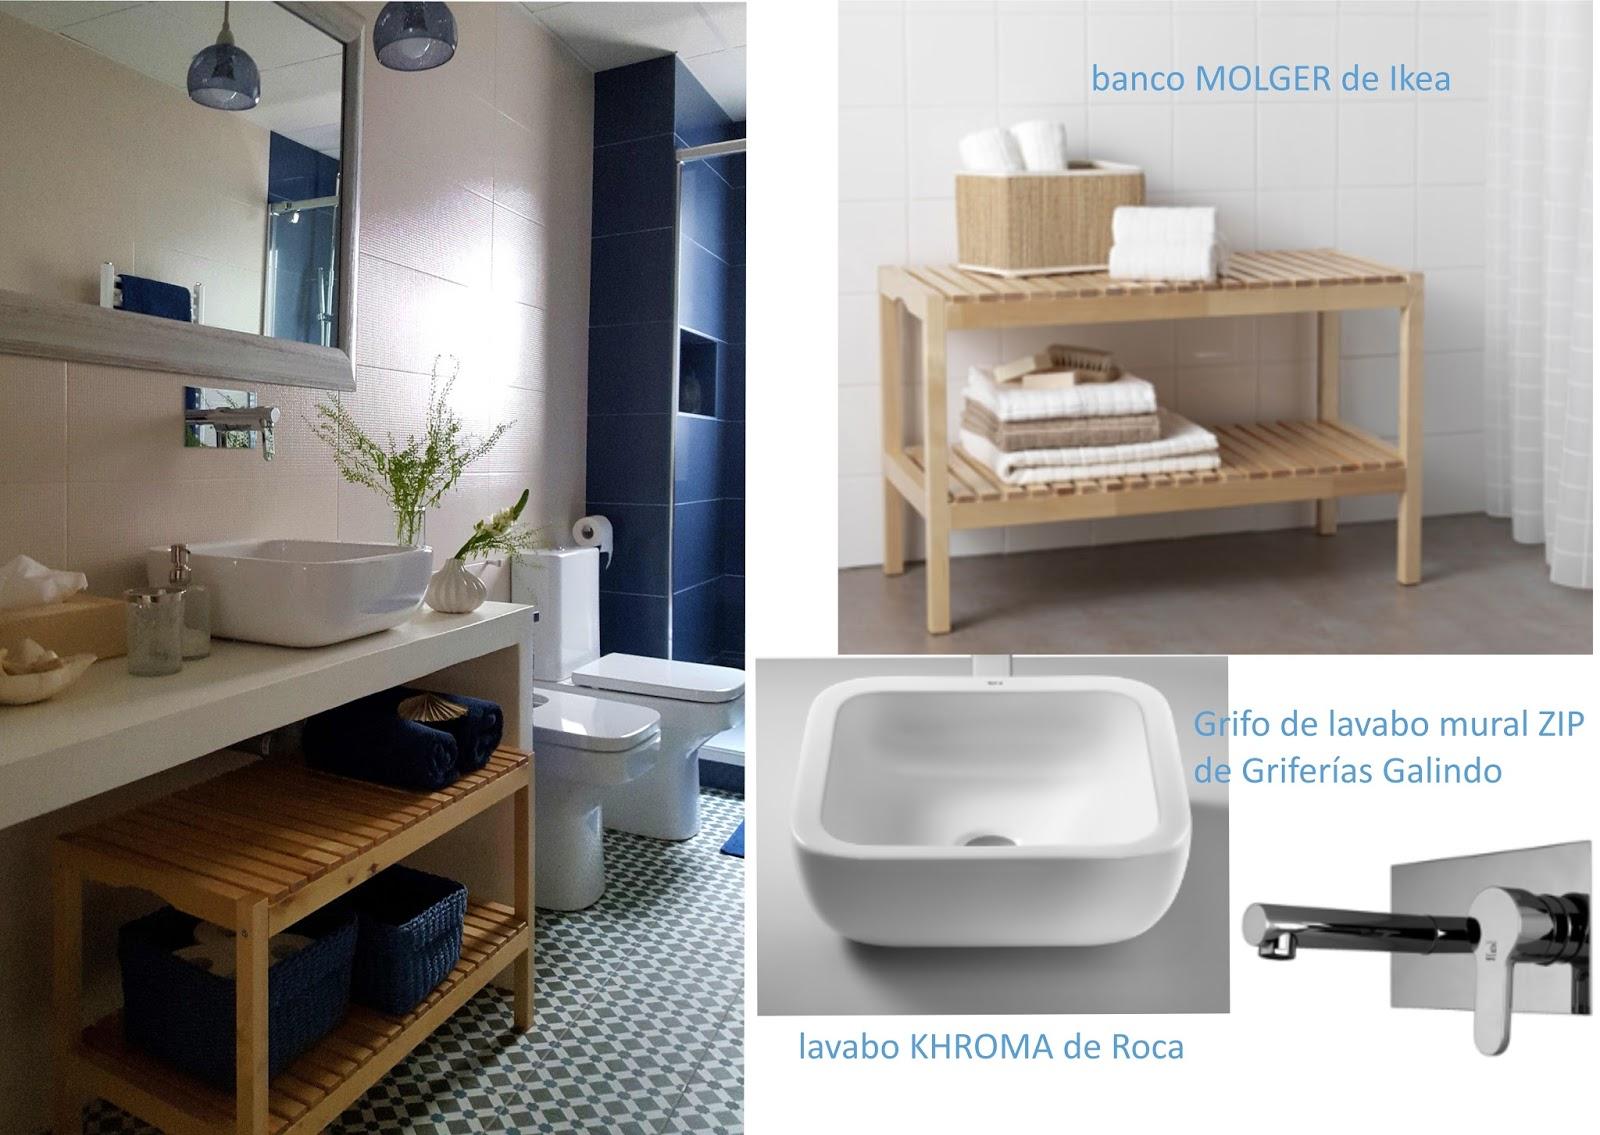 encimera de microcemento blanco con lavabo Khroma de Roca